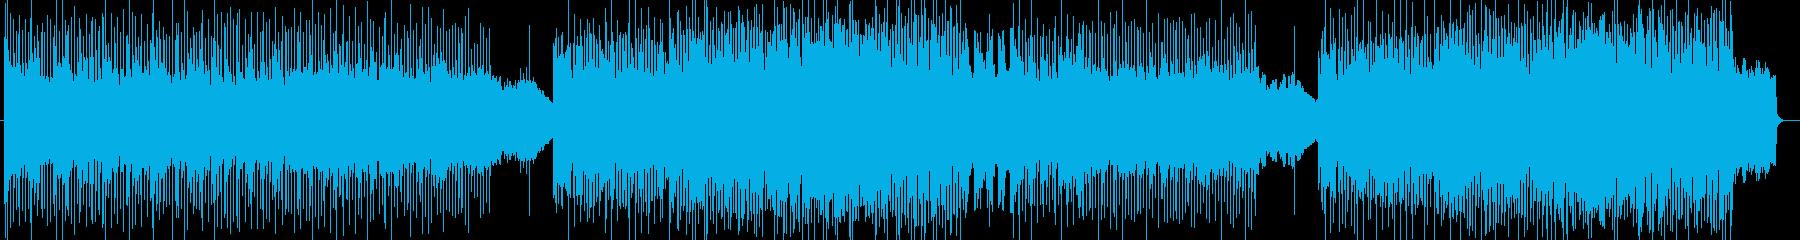 「HR/HM」「DEATH」BGM249の再生済みの波形